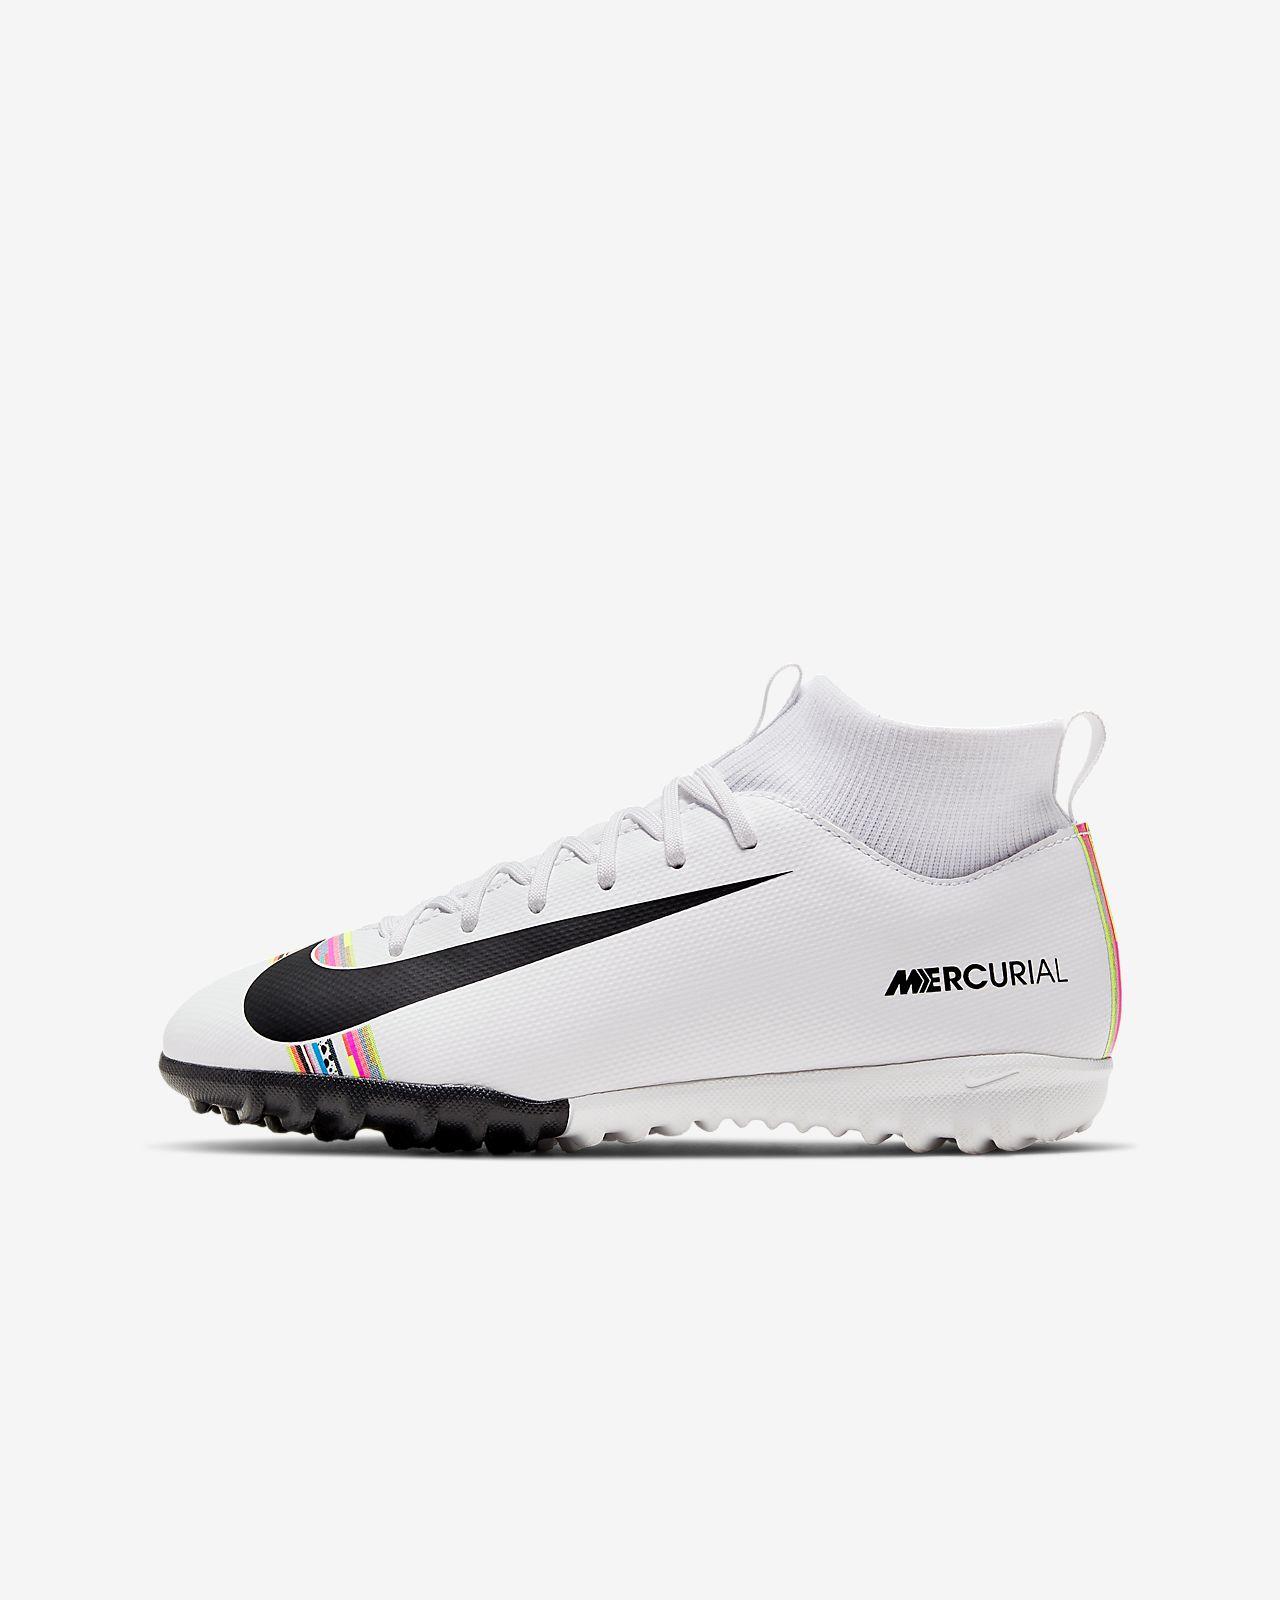 Buty piłkarskie na nawierzchnię typu turf dla małych/dużych dzieci Nike Jr. SuperflyX 6 Academy LVL UP TF